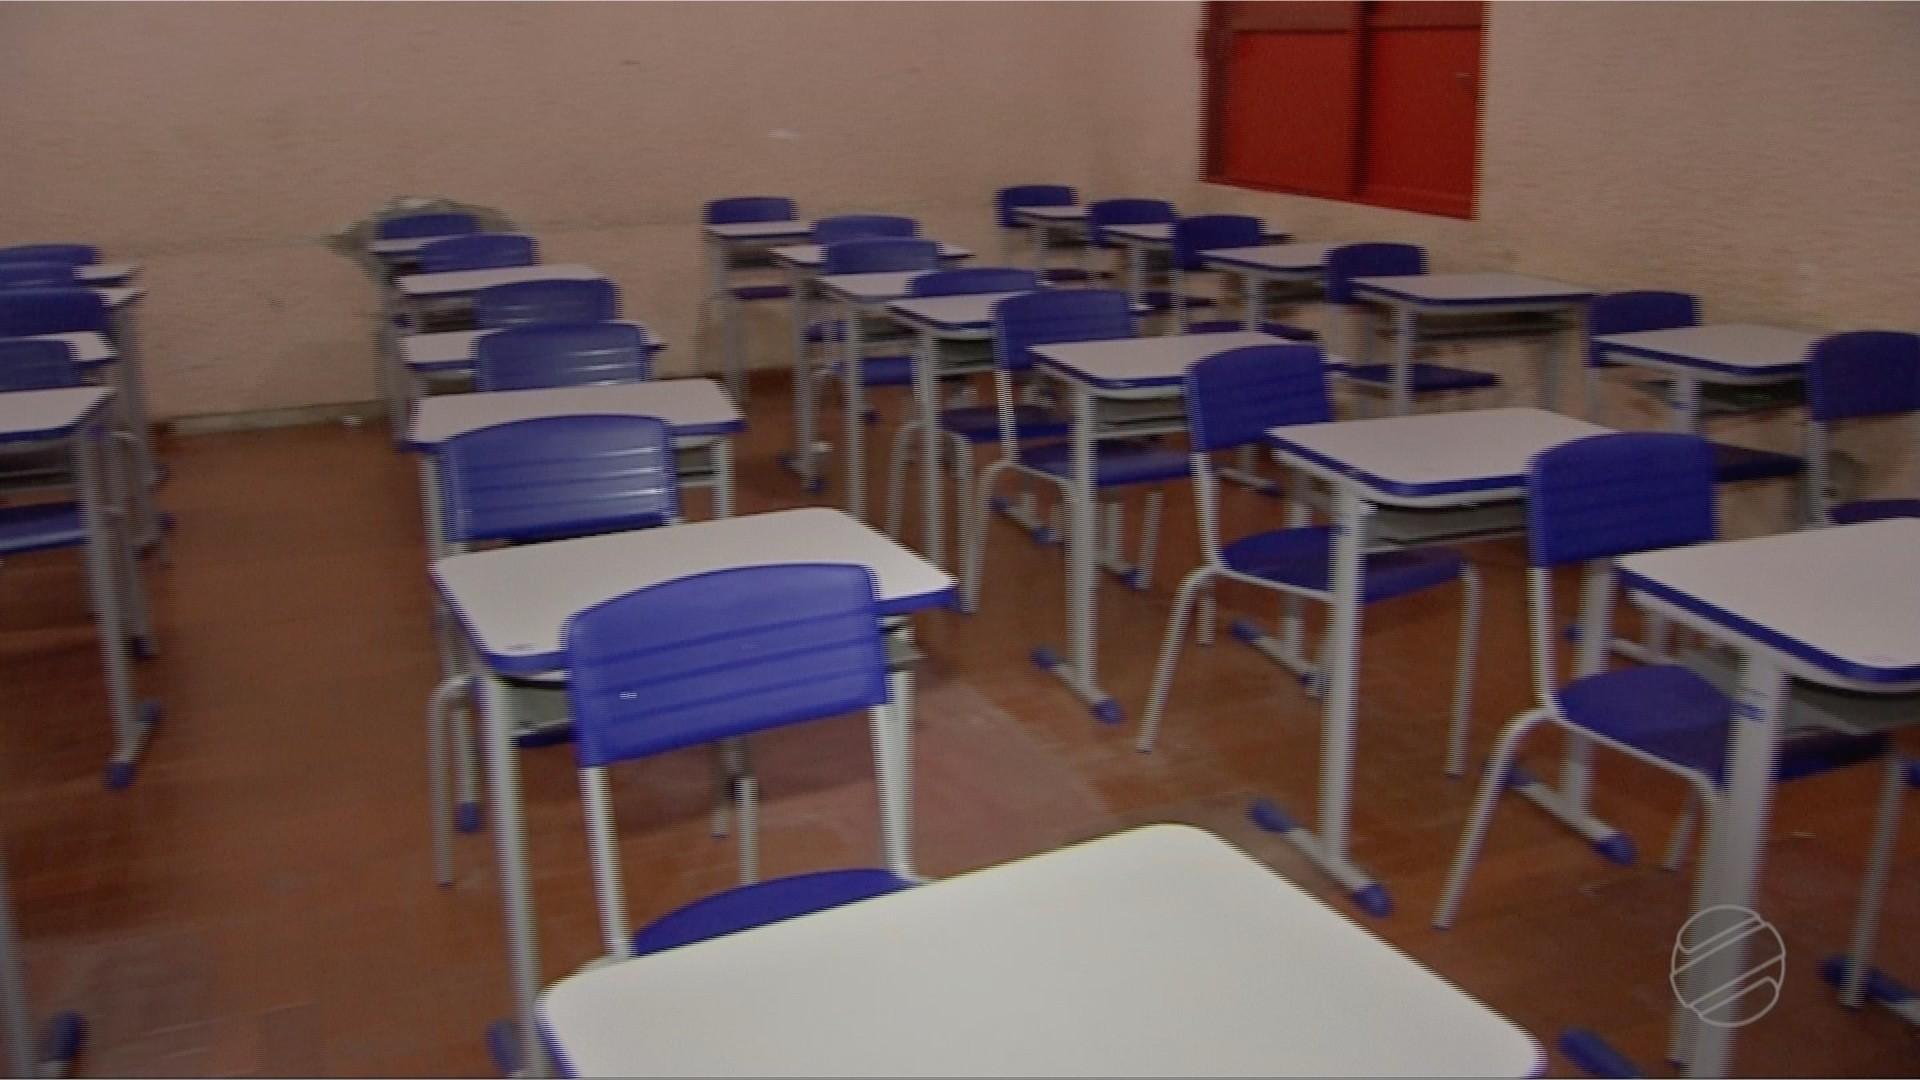 Prefeitura de Monte Alegre prorroga prazo de suspensão das aulas por mais 15 dias